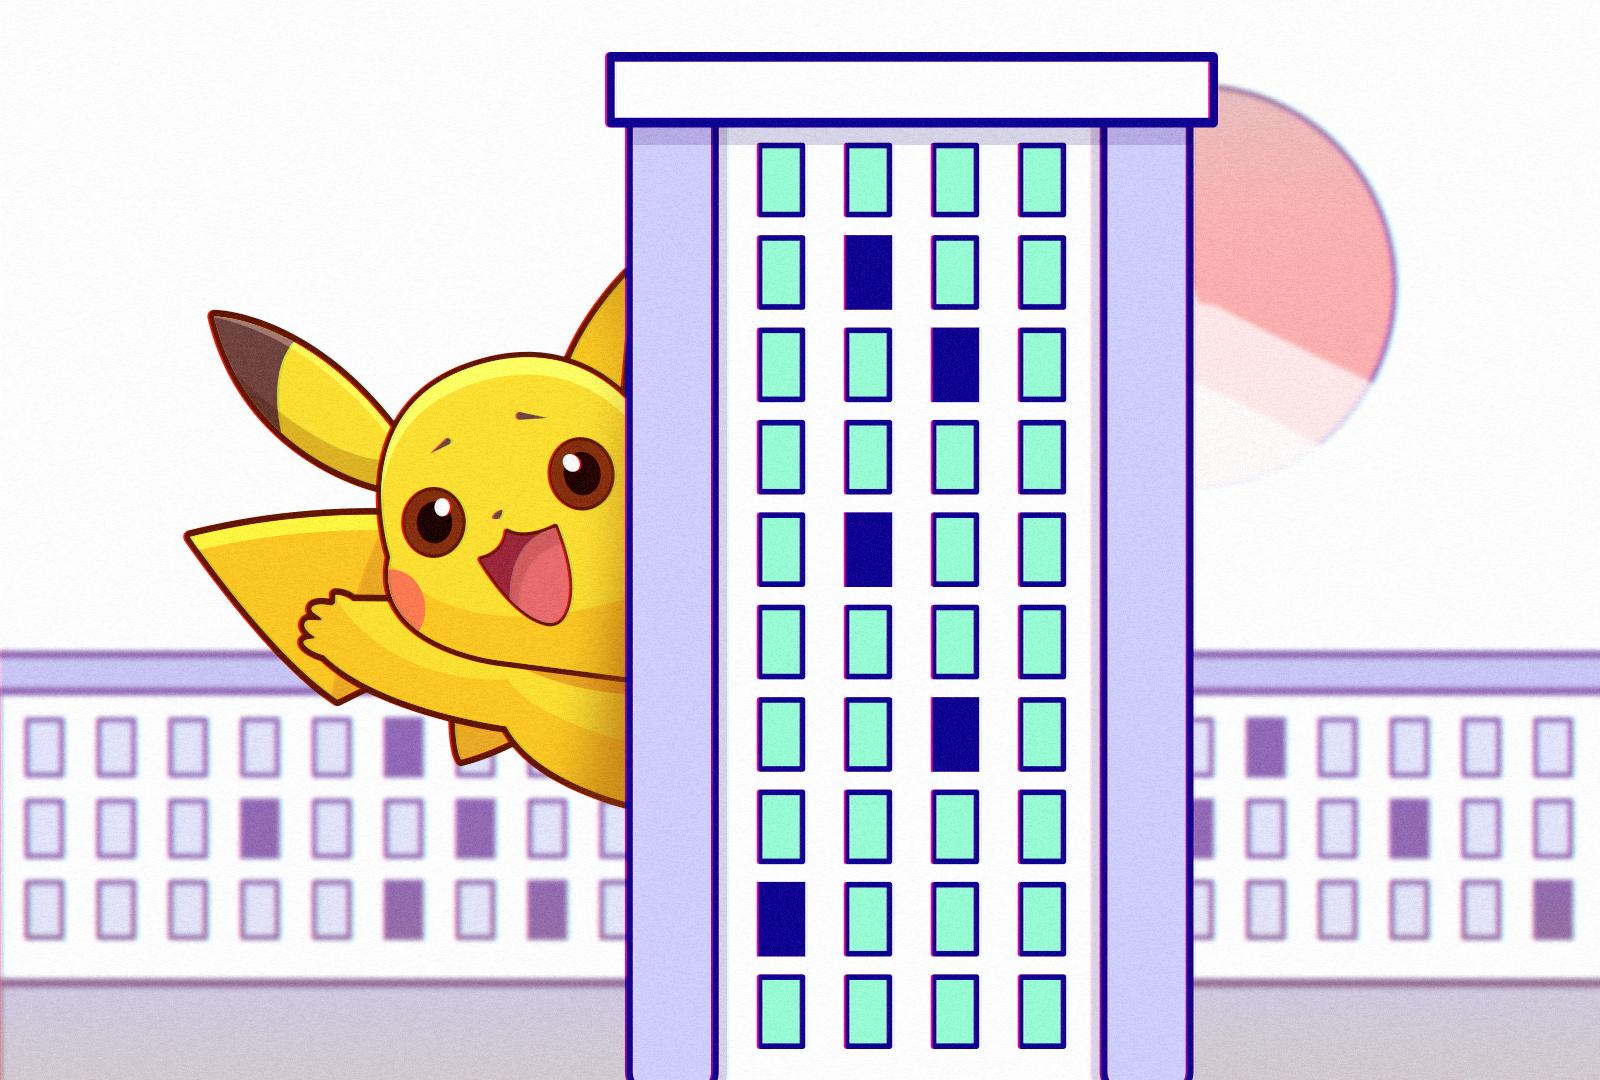 Интересные факты о создании Pokemon Go и почему будущее за AR-технологиями, История Pokemon GO